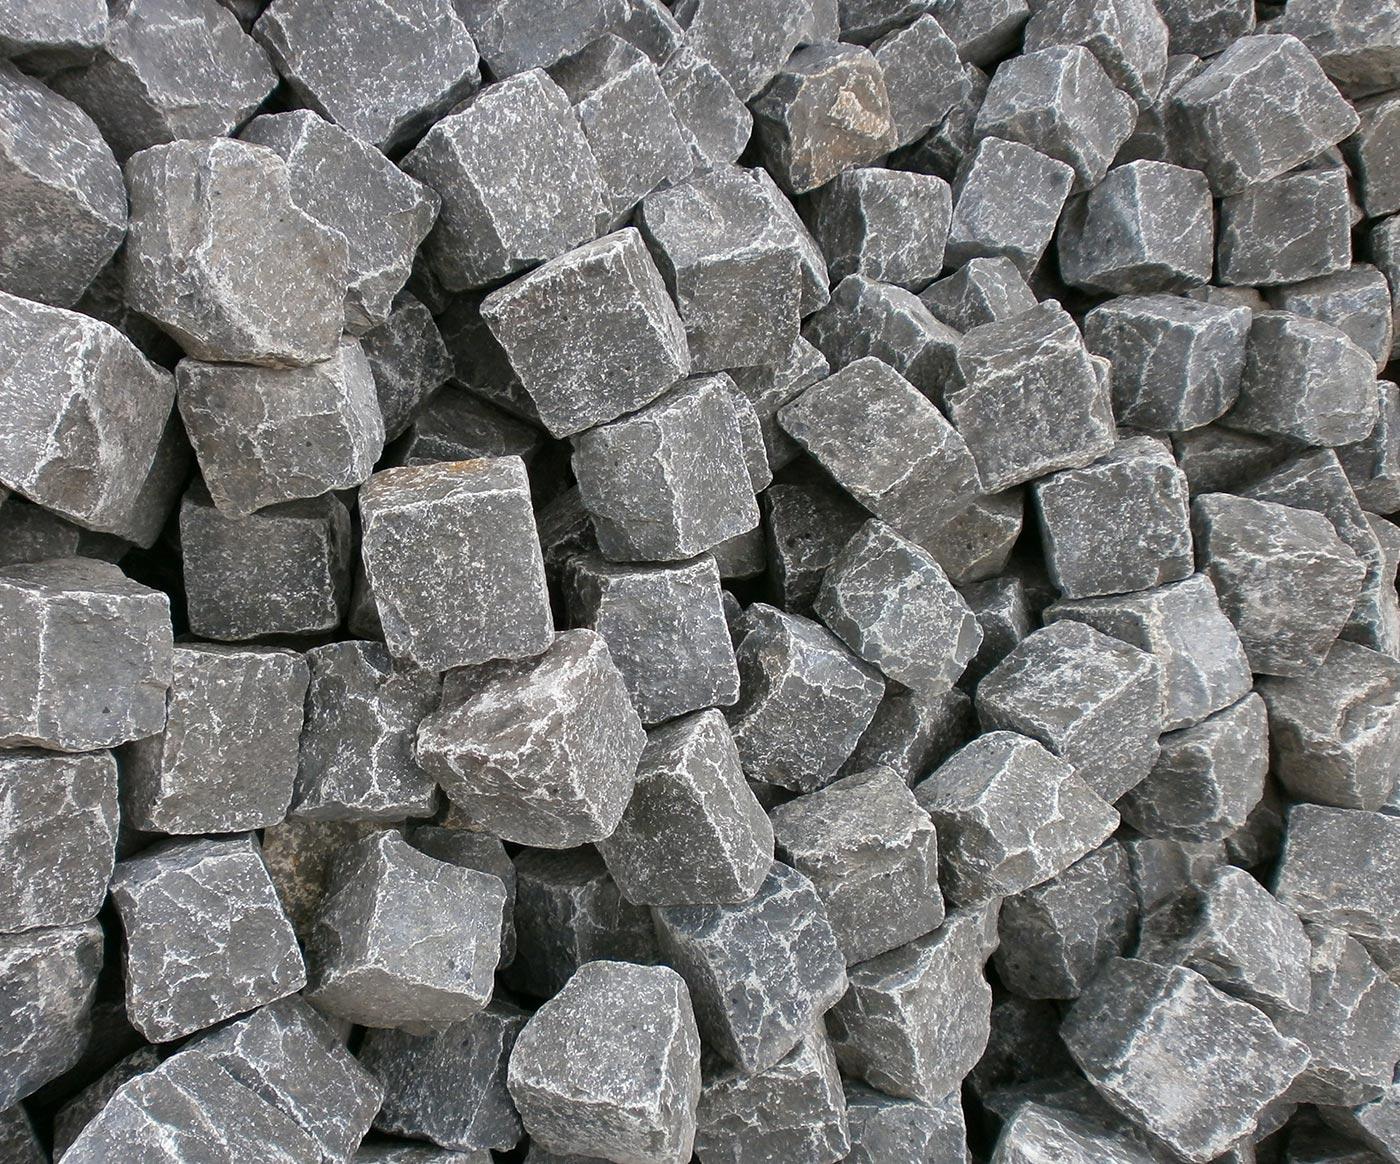 basaltpflaster und pflastersteine gebraucht günstig kaufen - mhi